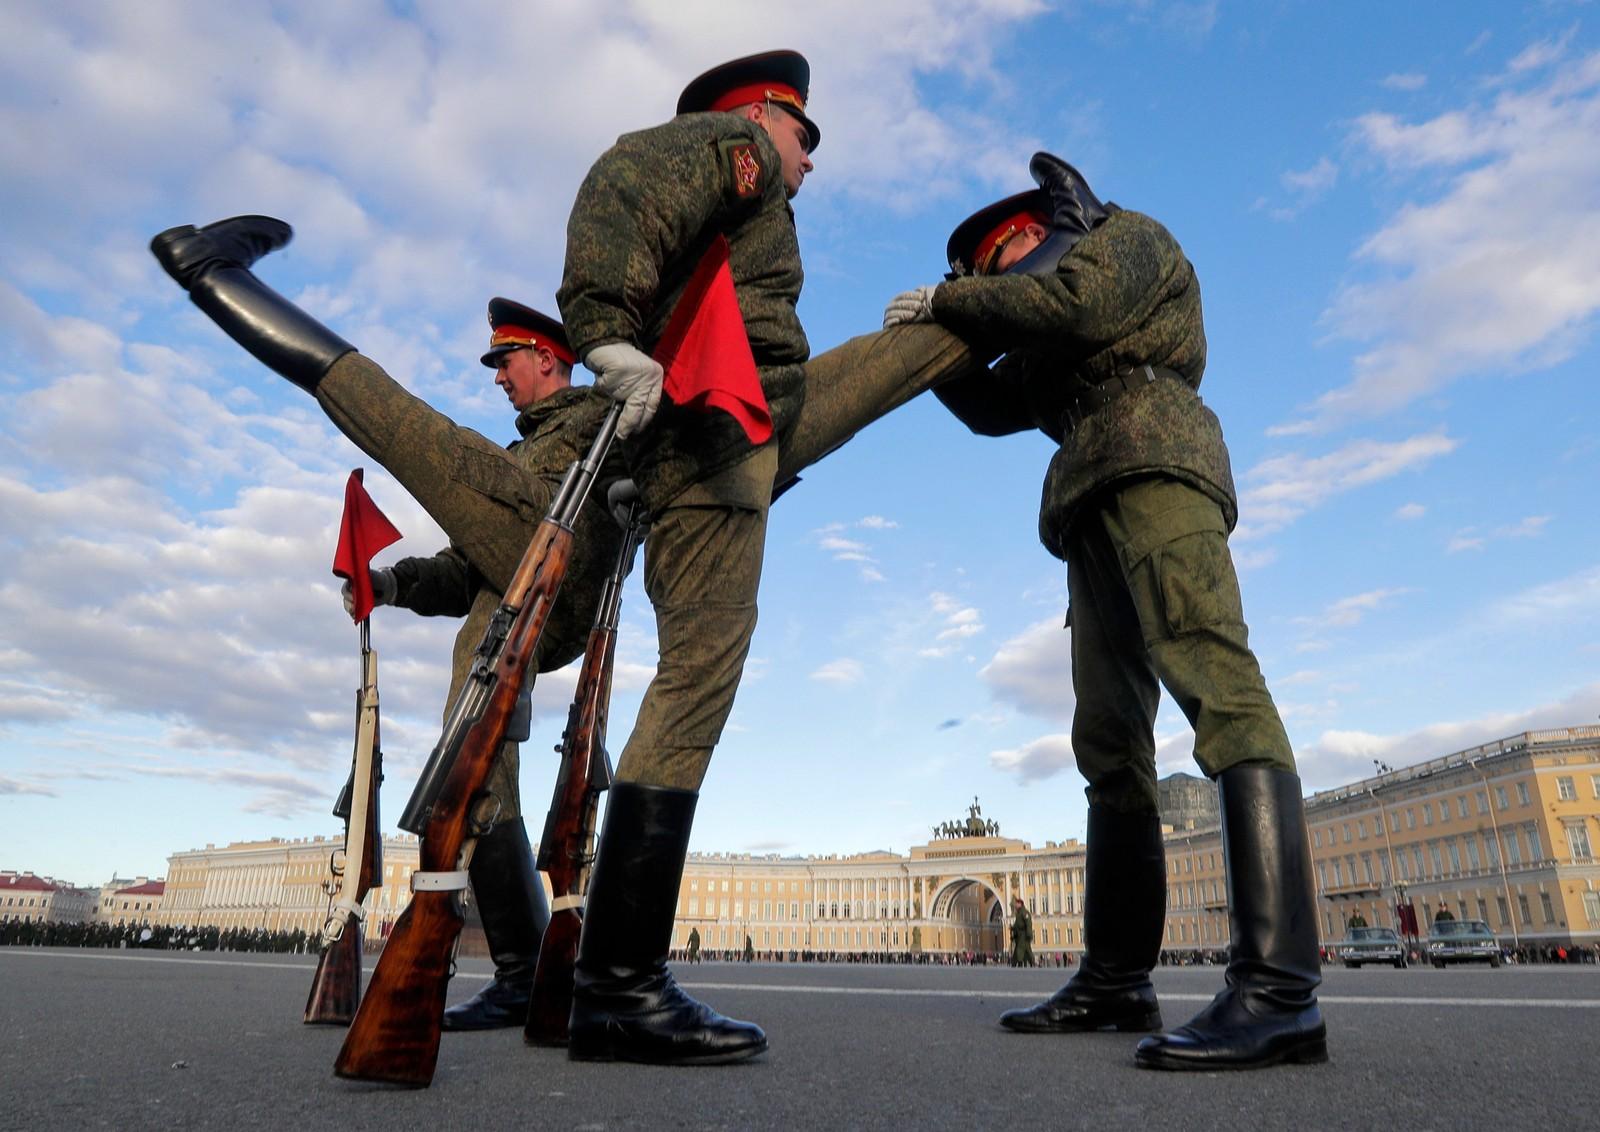 Russiske æresvakter varmer opp før en forberedelse til seiersdagen som finner sted 9. mai. Denne datoen kapitulerte Tyskland under den andre verdenskrig.